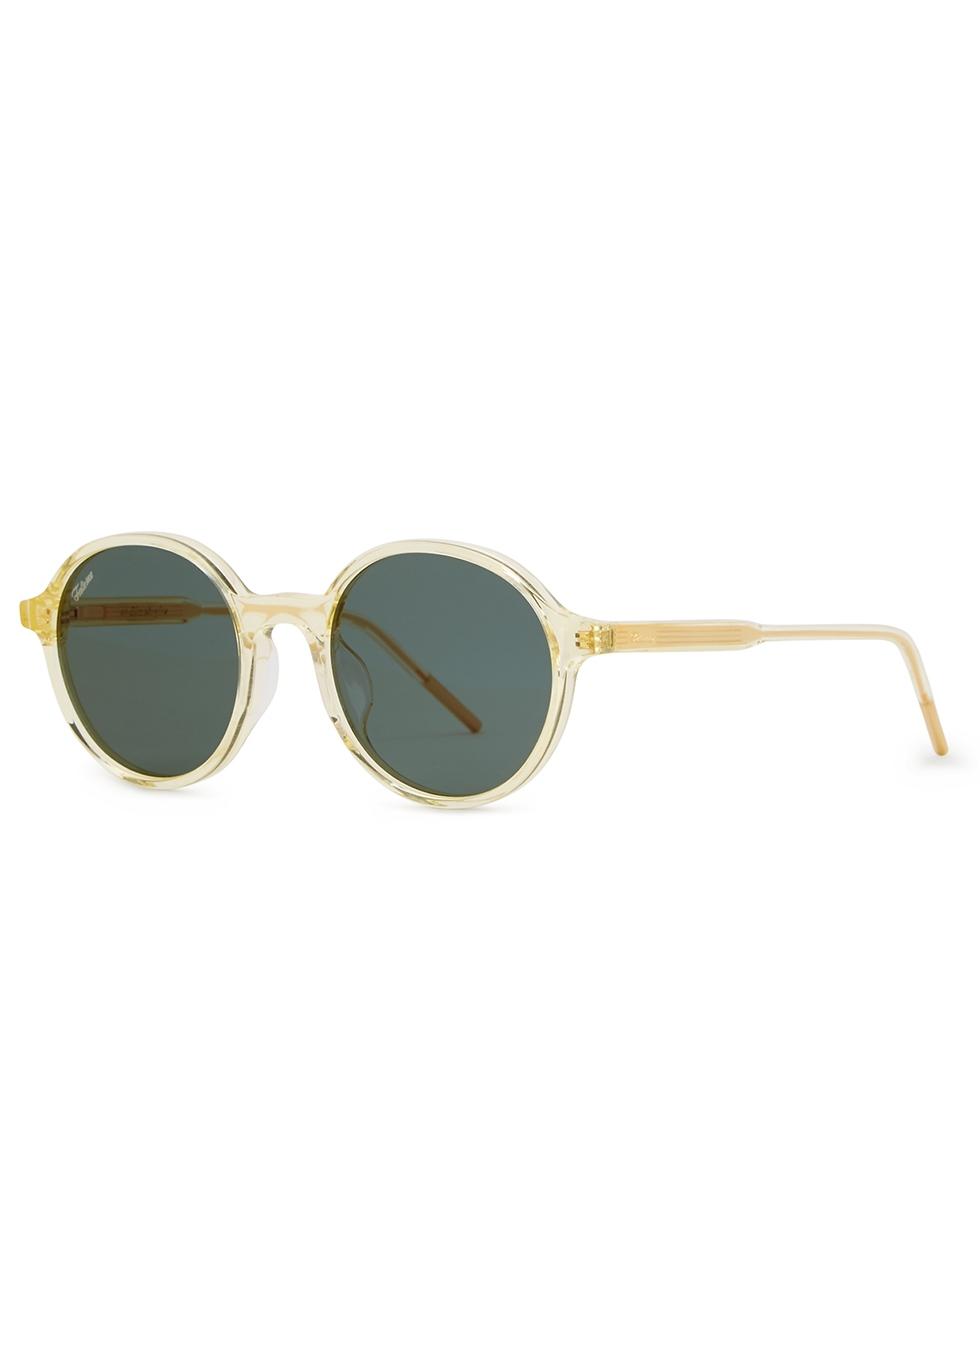 e2a5fe1d0981e FAKE ME Blast white round-frame sunglasses - Harvey Nichols